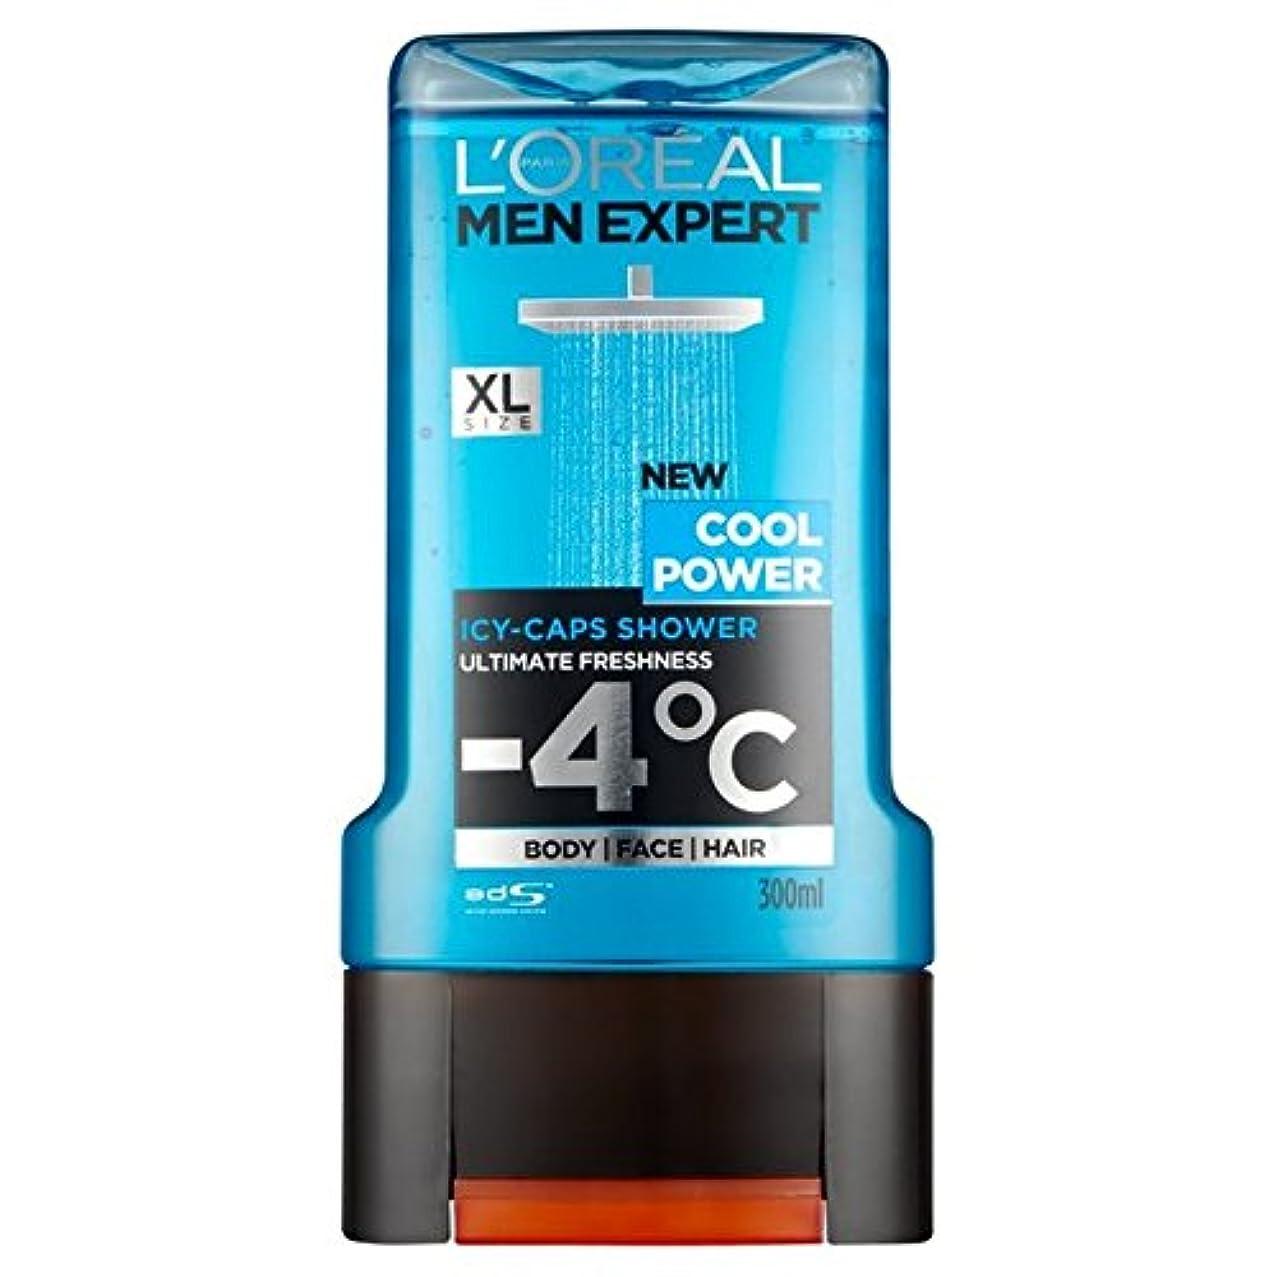 バイオレット名前お誕生日ロレアルパリの男性の専門家のクールなパワーシャワージェル300ミリリットル x2 - L'Oreal Paris Men Expert Cool Power Shower Gel 300ml (Pack of 2) [並行輸入品]